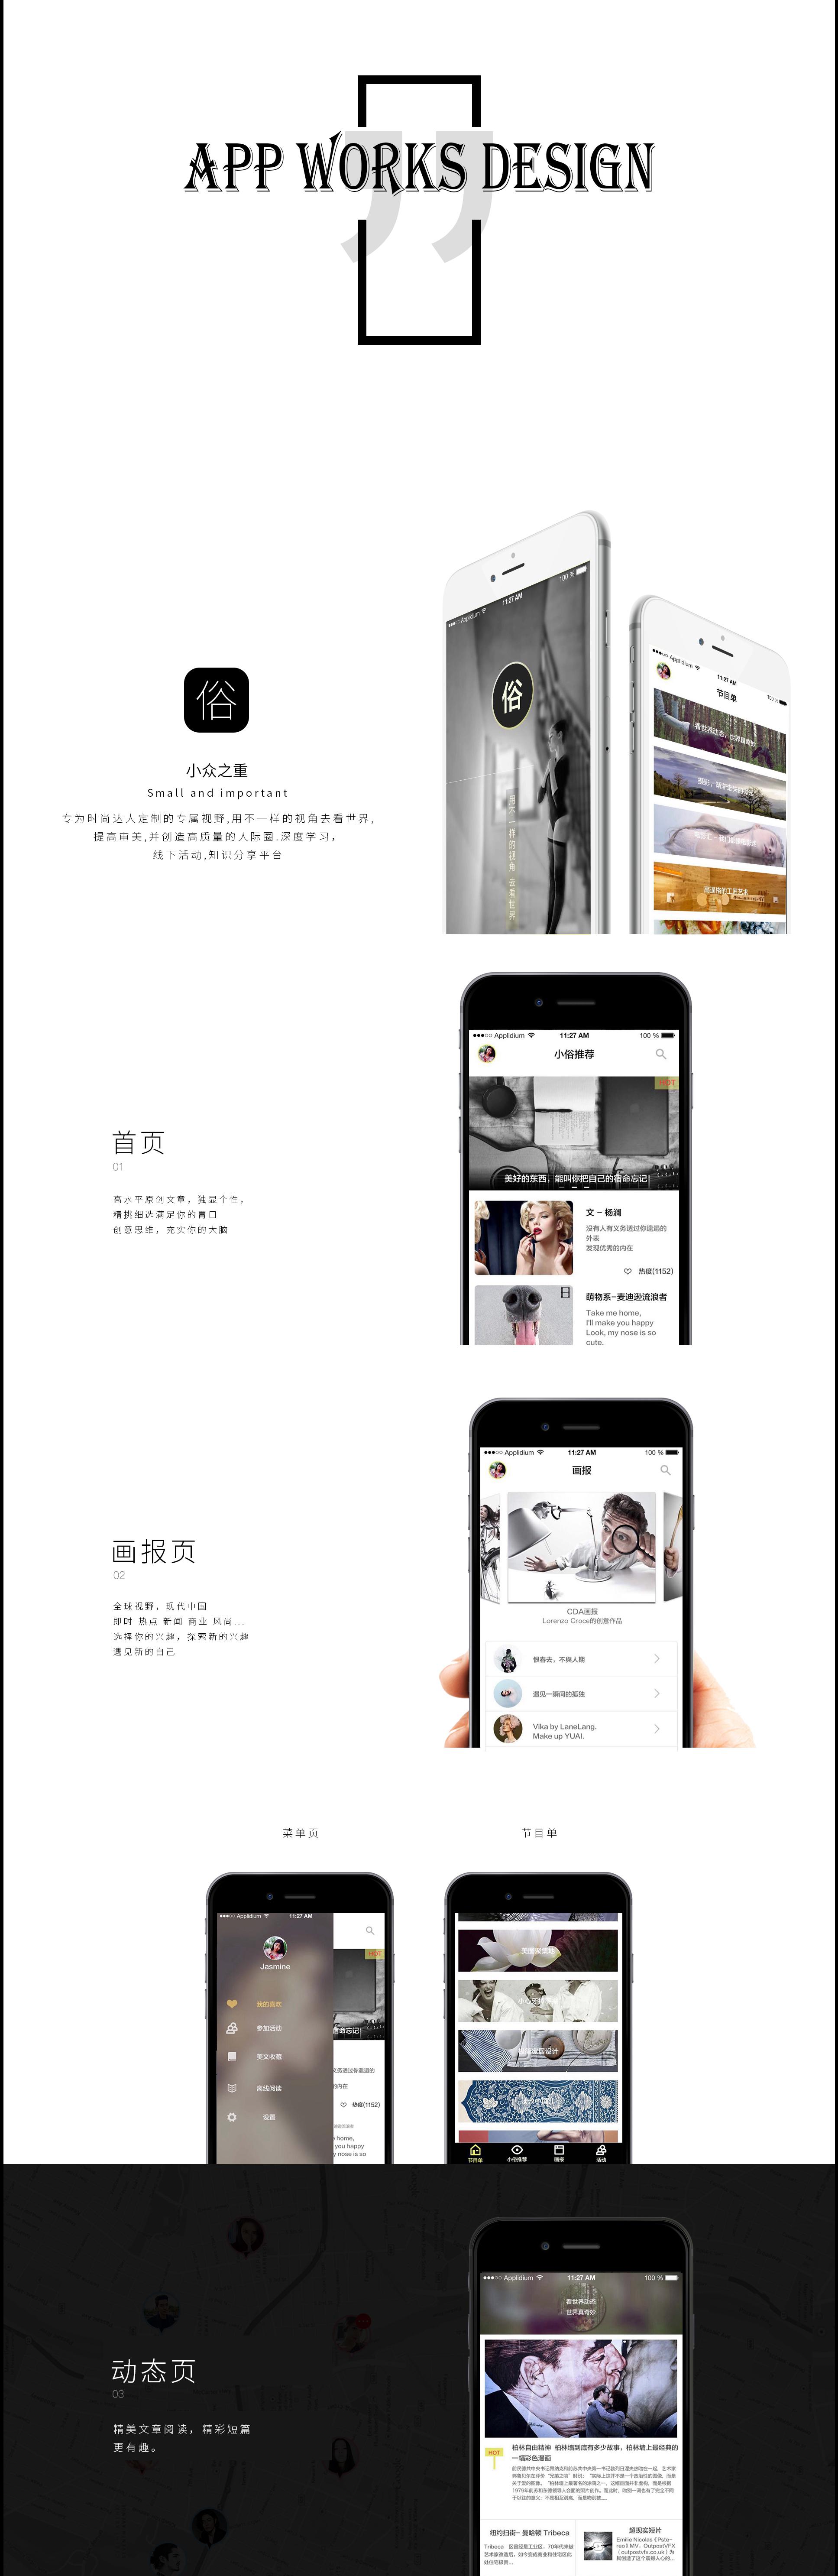 毕业作品 文艺app界面设计GUI展示